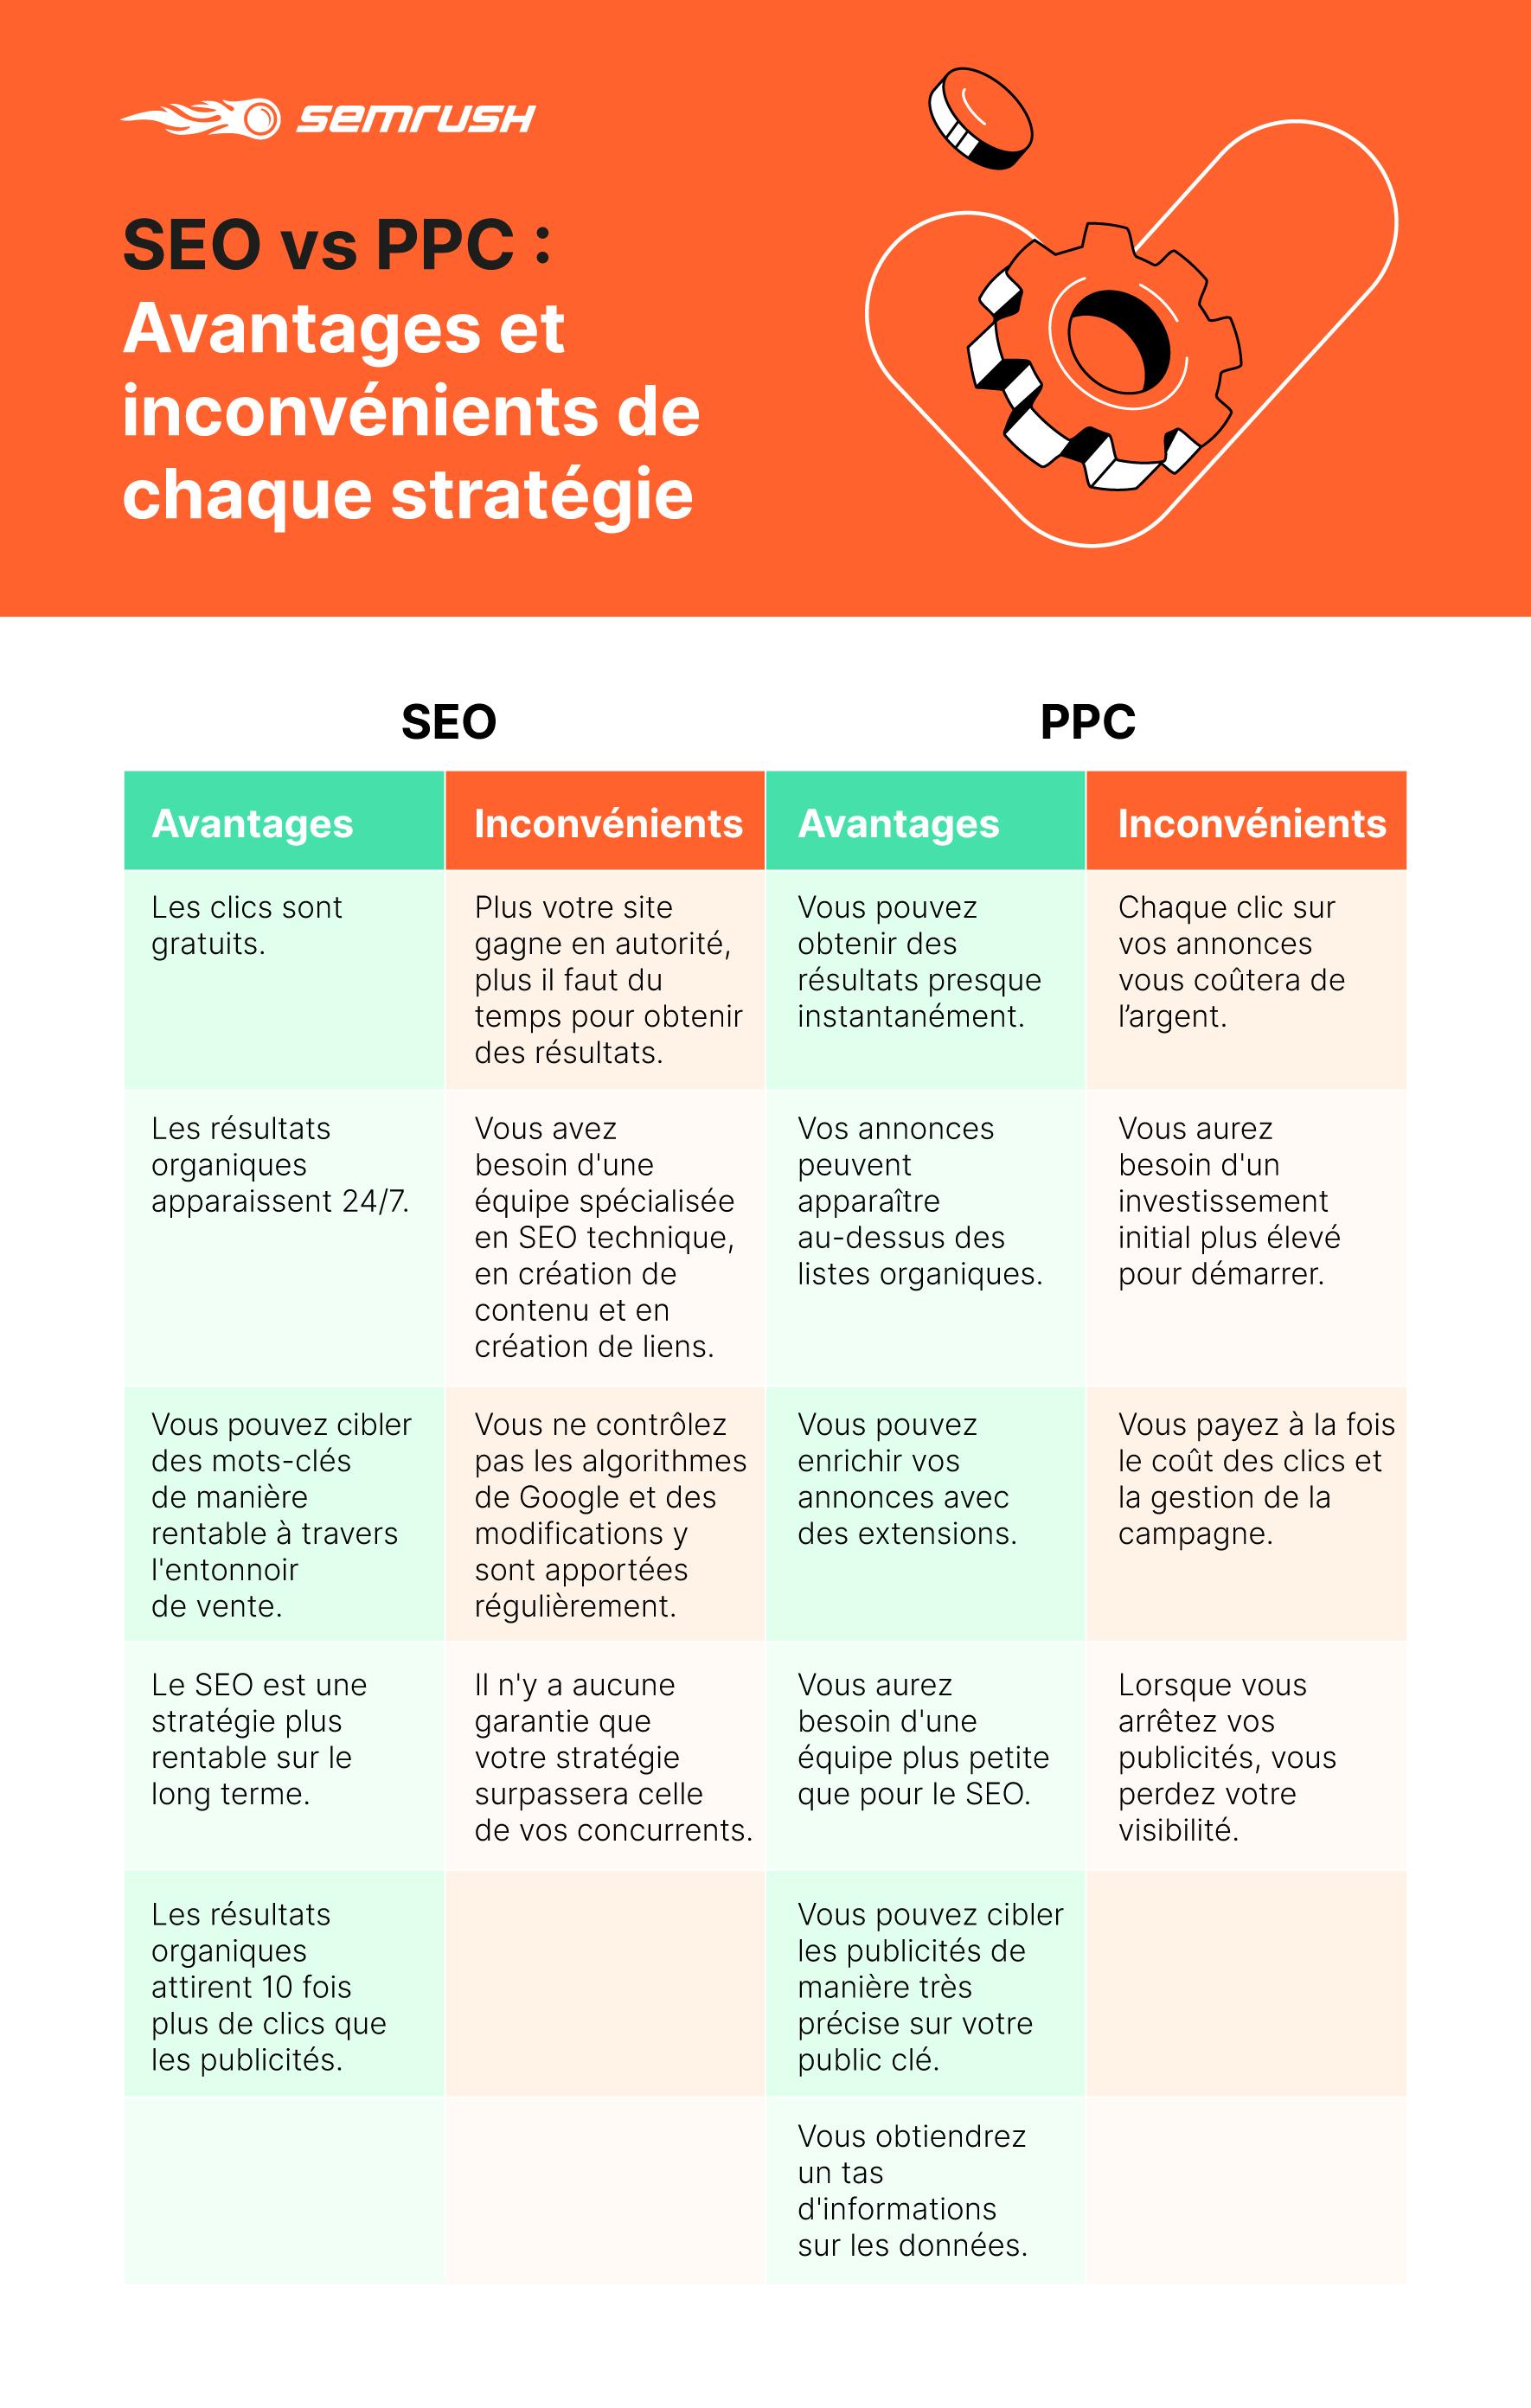 SEO vs. PPC : En tirez-vous le meilleur parti ?. Image 5